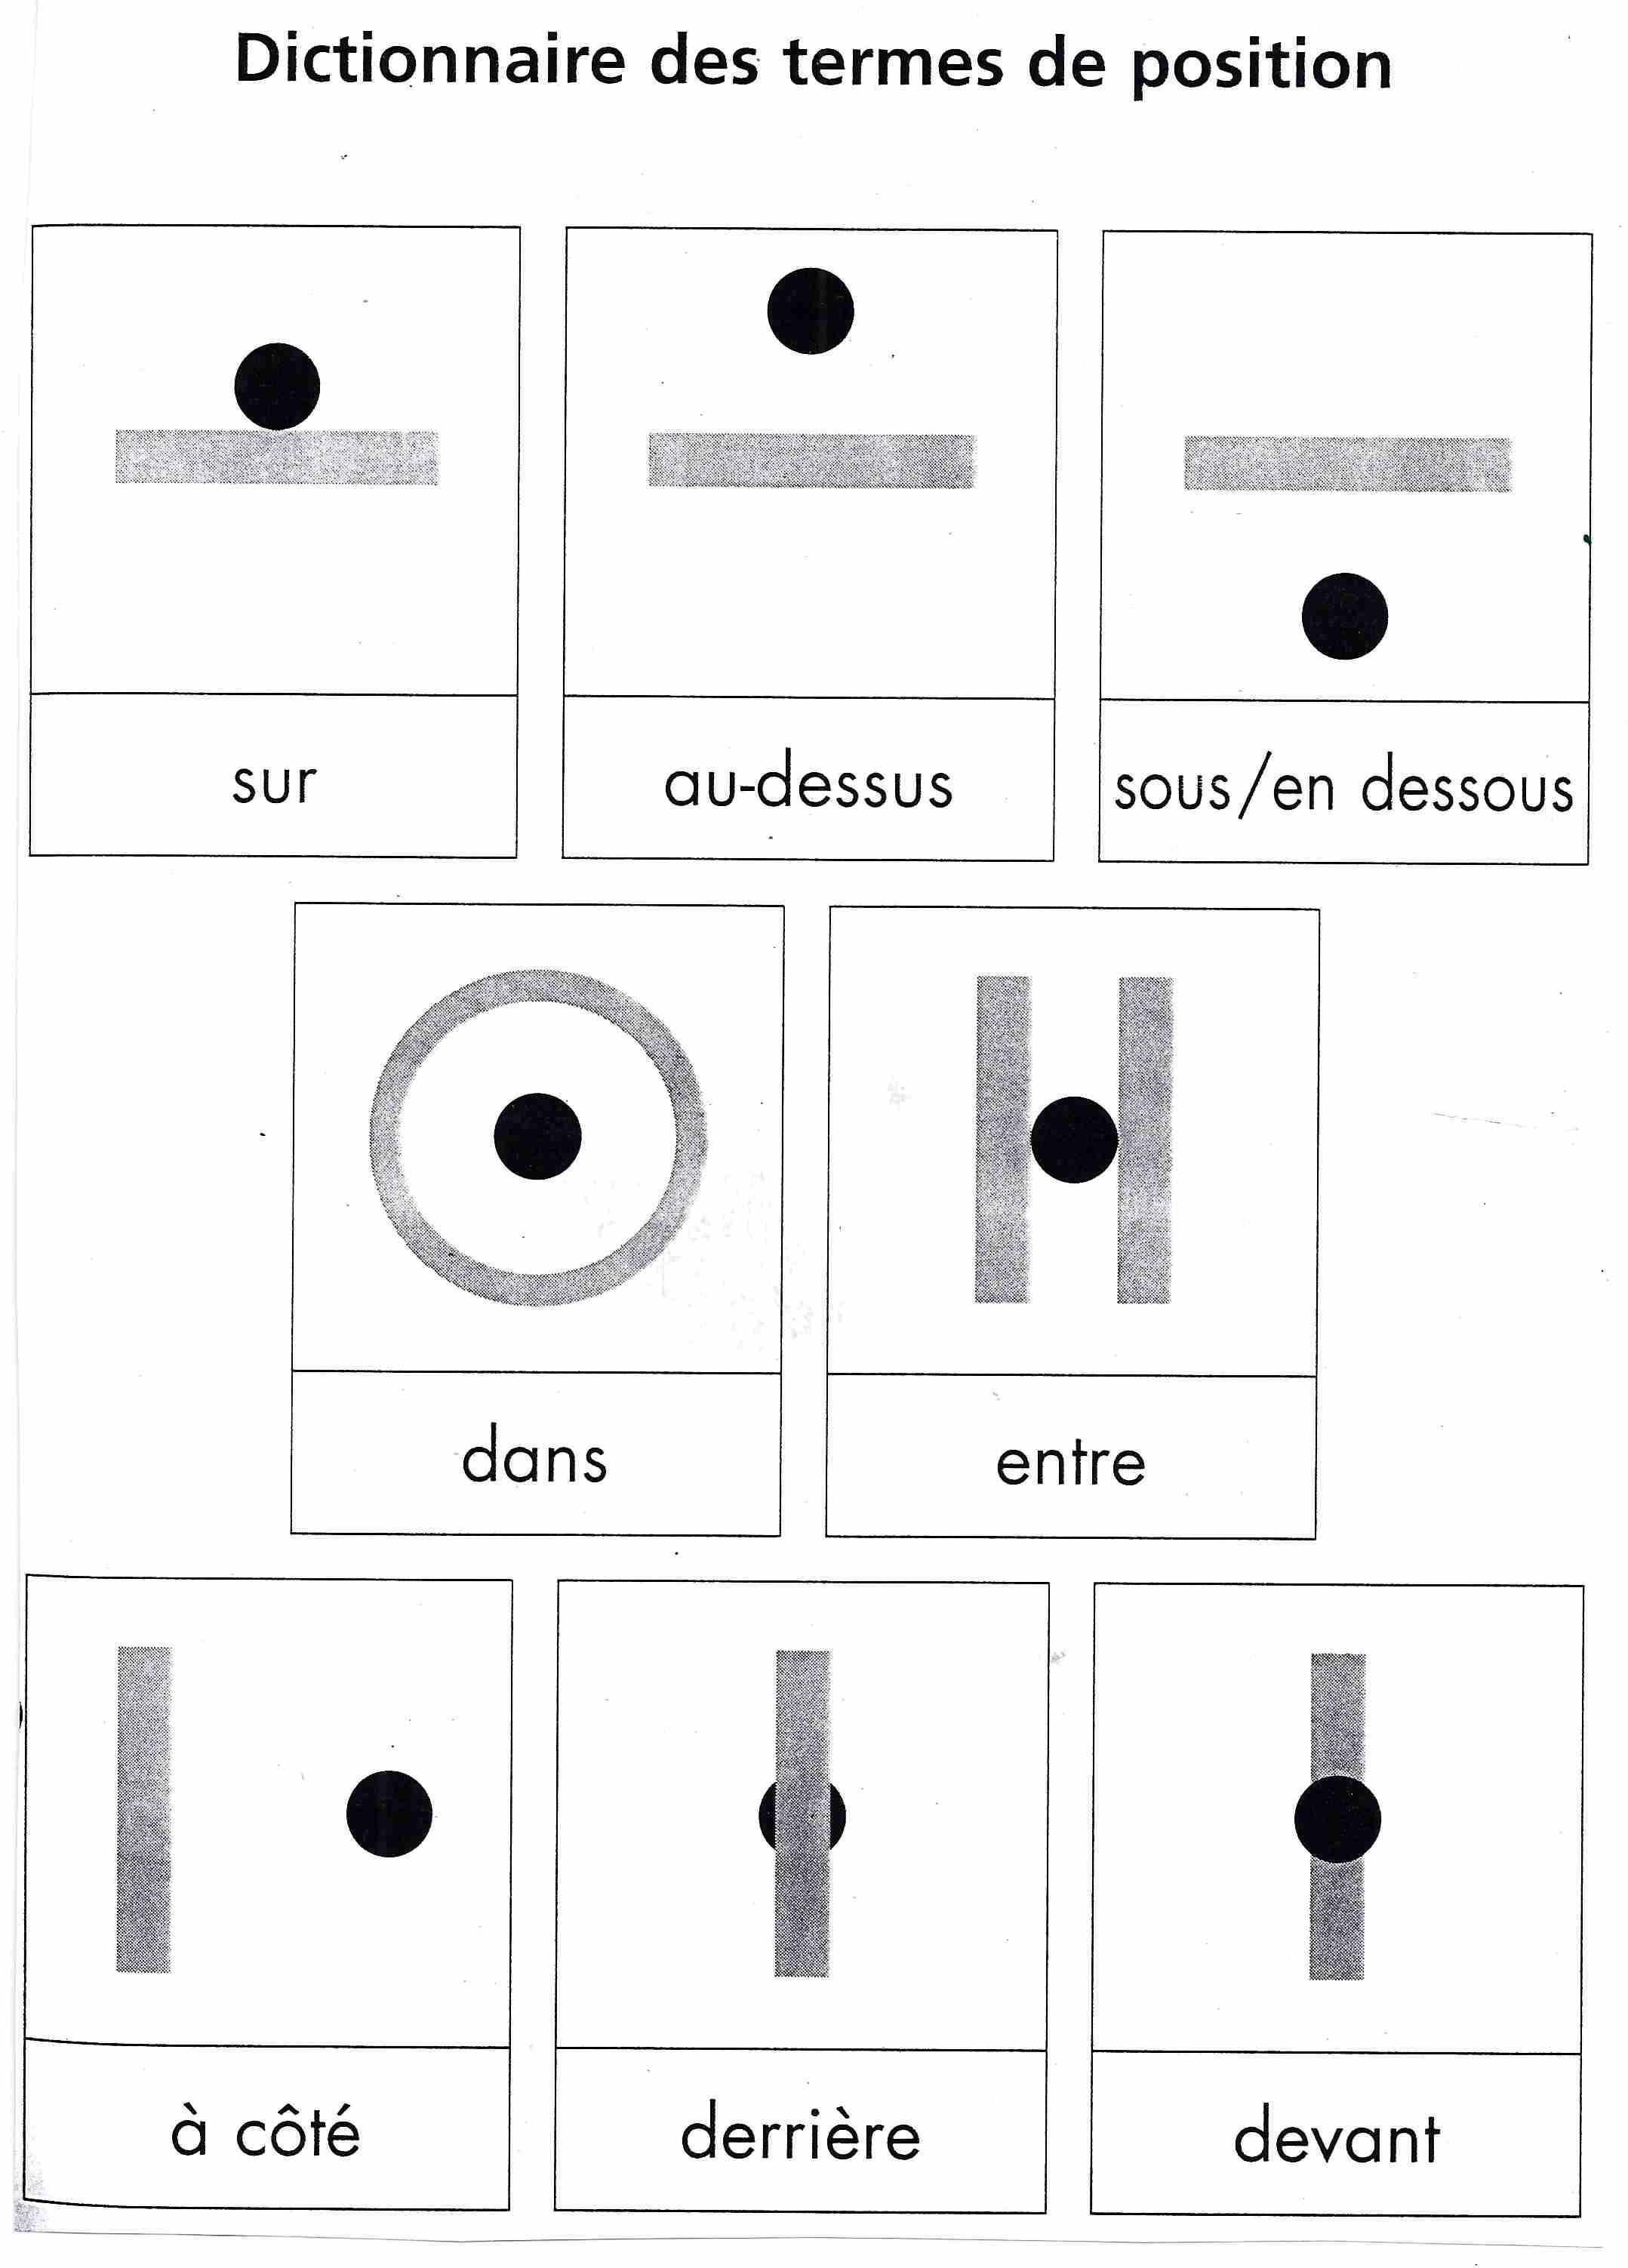 Dictionnaire des termes de position